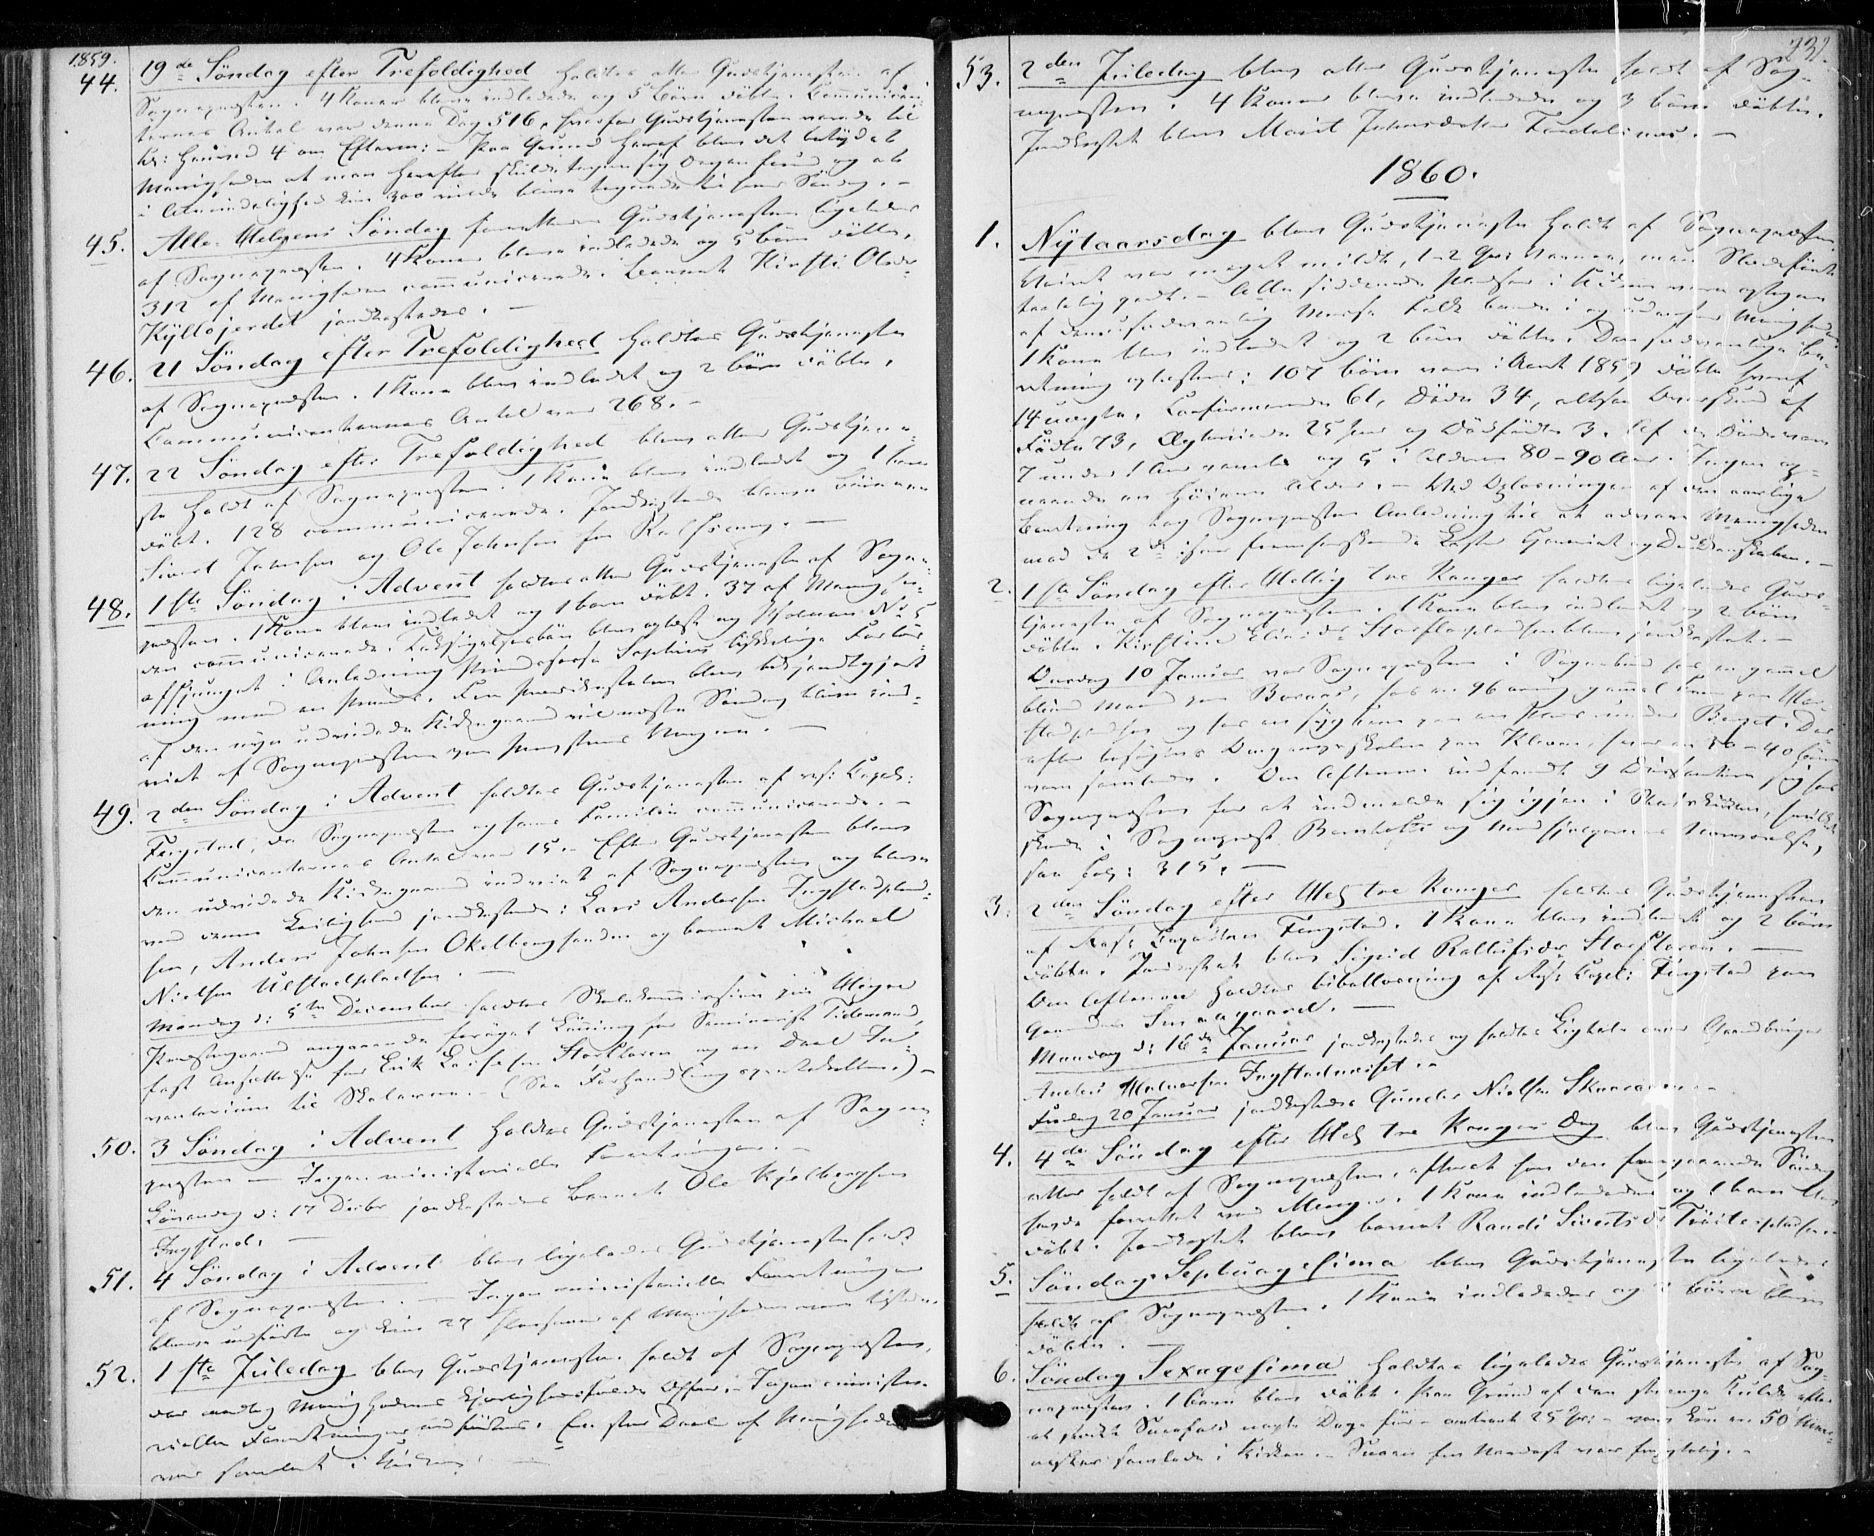 SAT, Ministerialprotokoller, klokkerbøker og fødselsregistre - Nord-Trøndelag, 703/L0028: Ministerialbok nr. 703A01, 1850-1862, s. 231